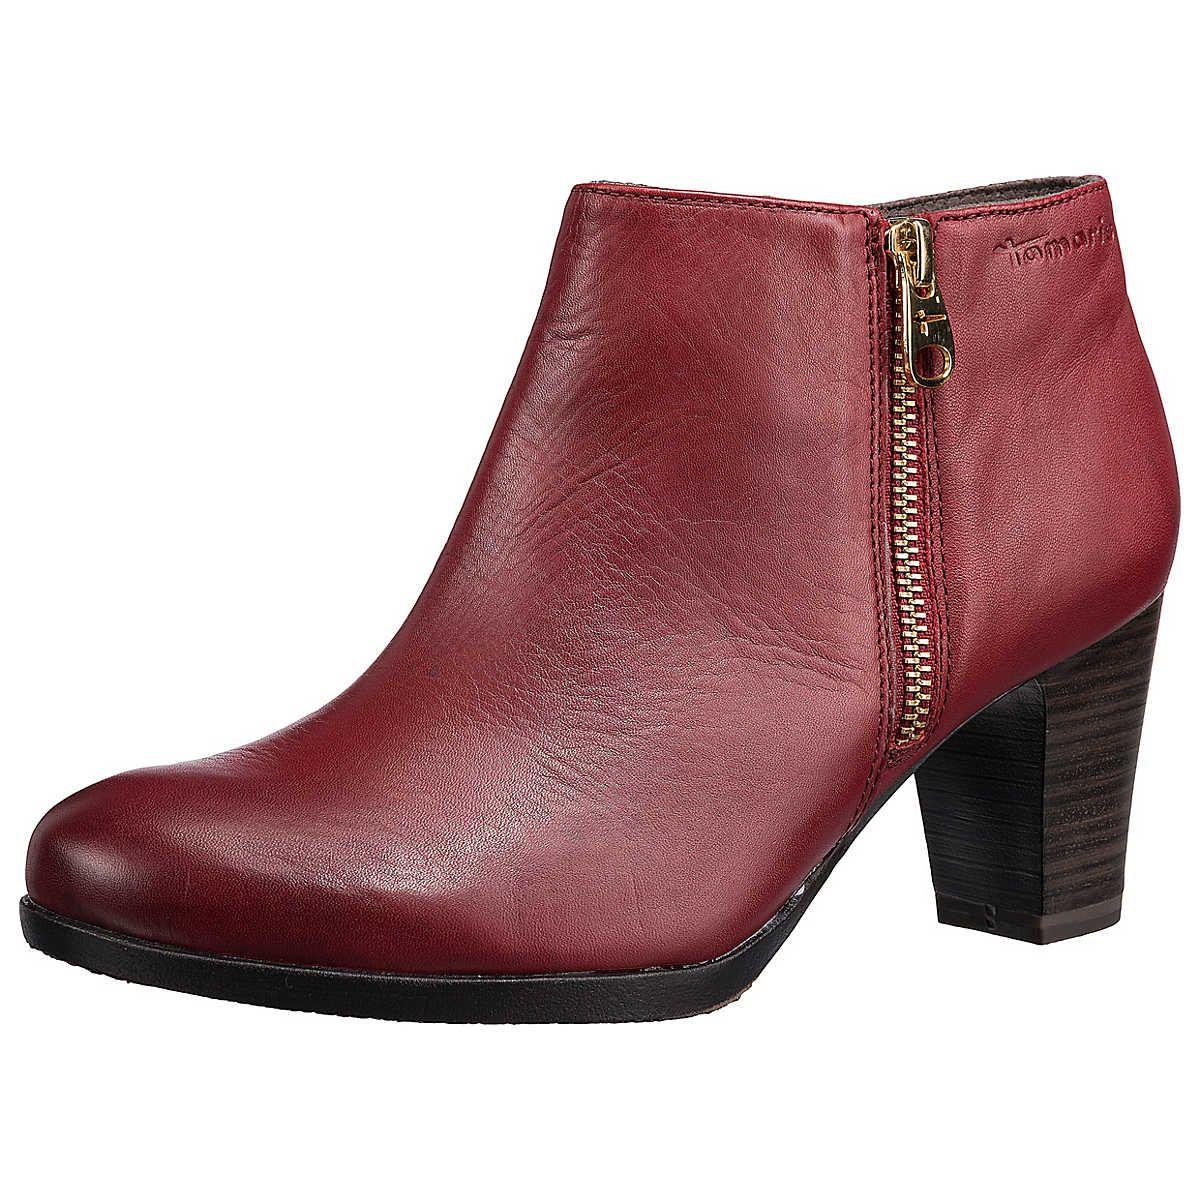 TAMARIS Klassische Stiefeletten | Schuhe online kaufen